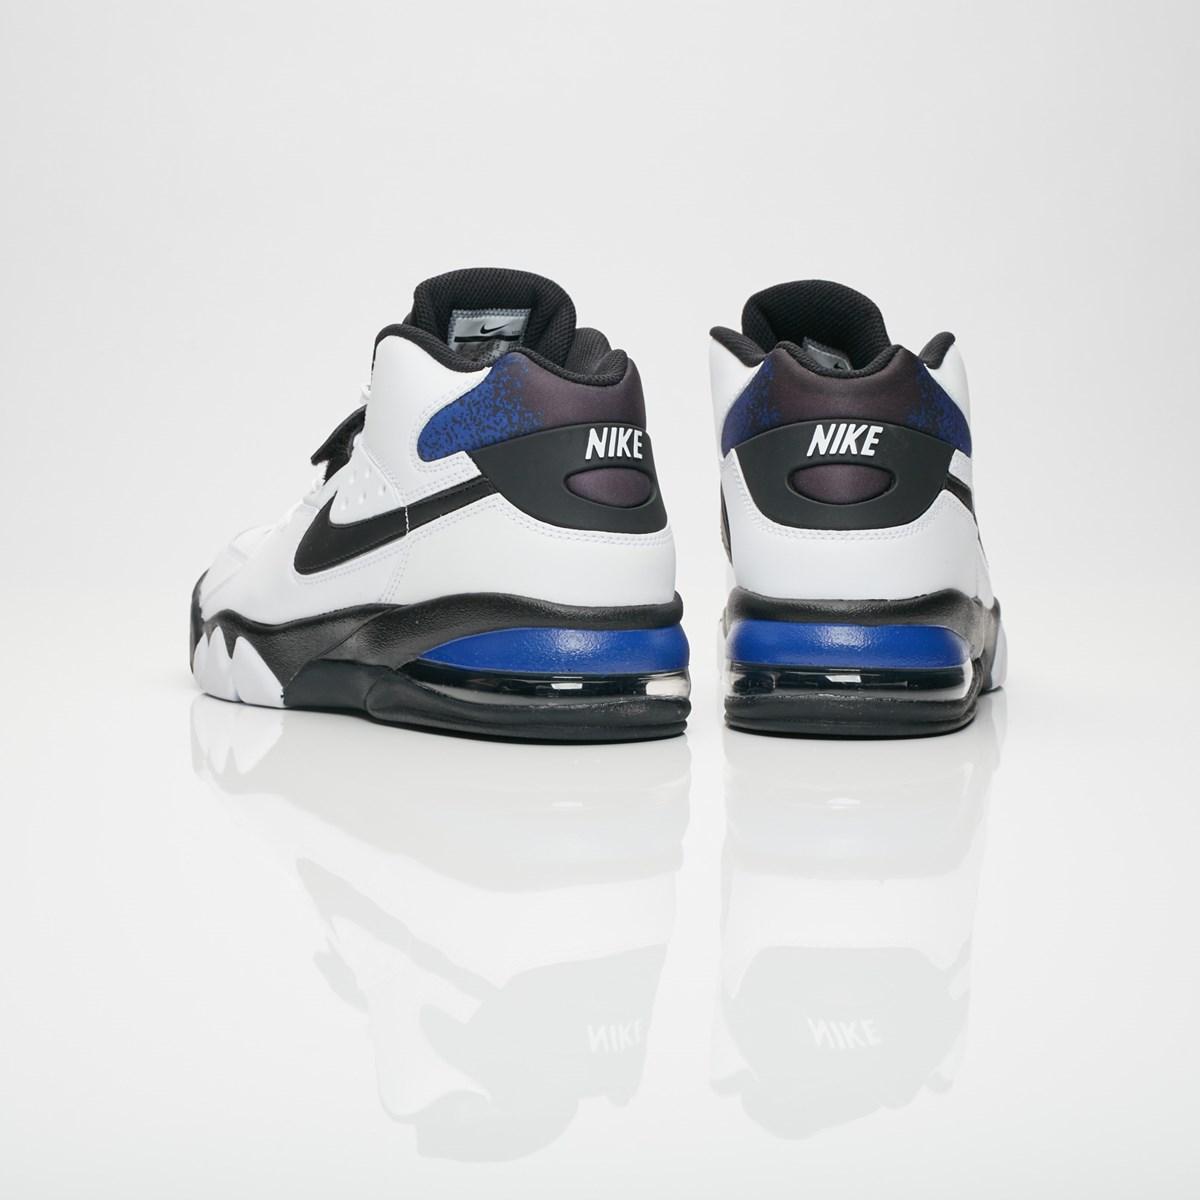 Nike Air Force Max 93 - Ah5534-100 - SNS | sneakers & streetwear online since 1999